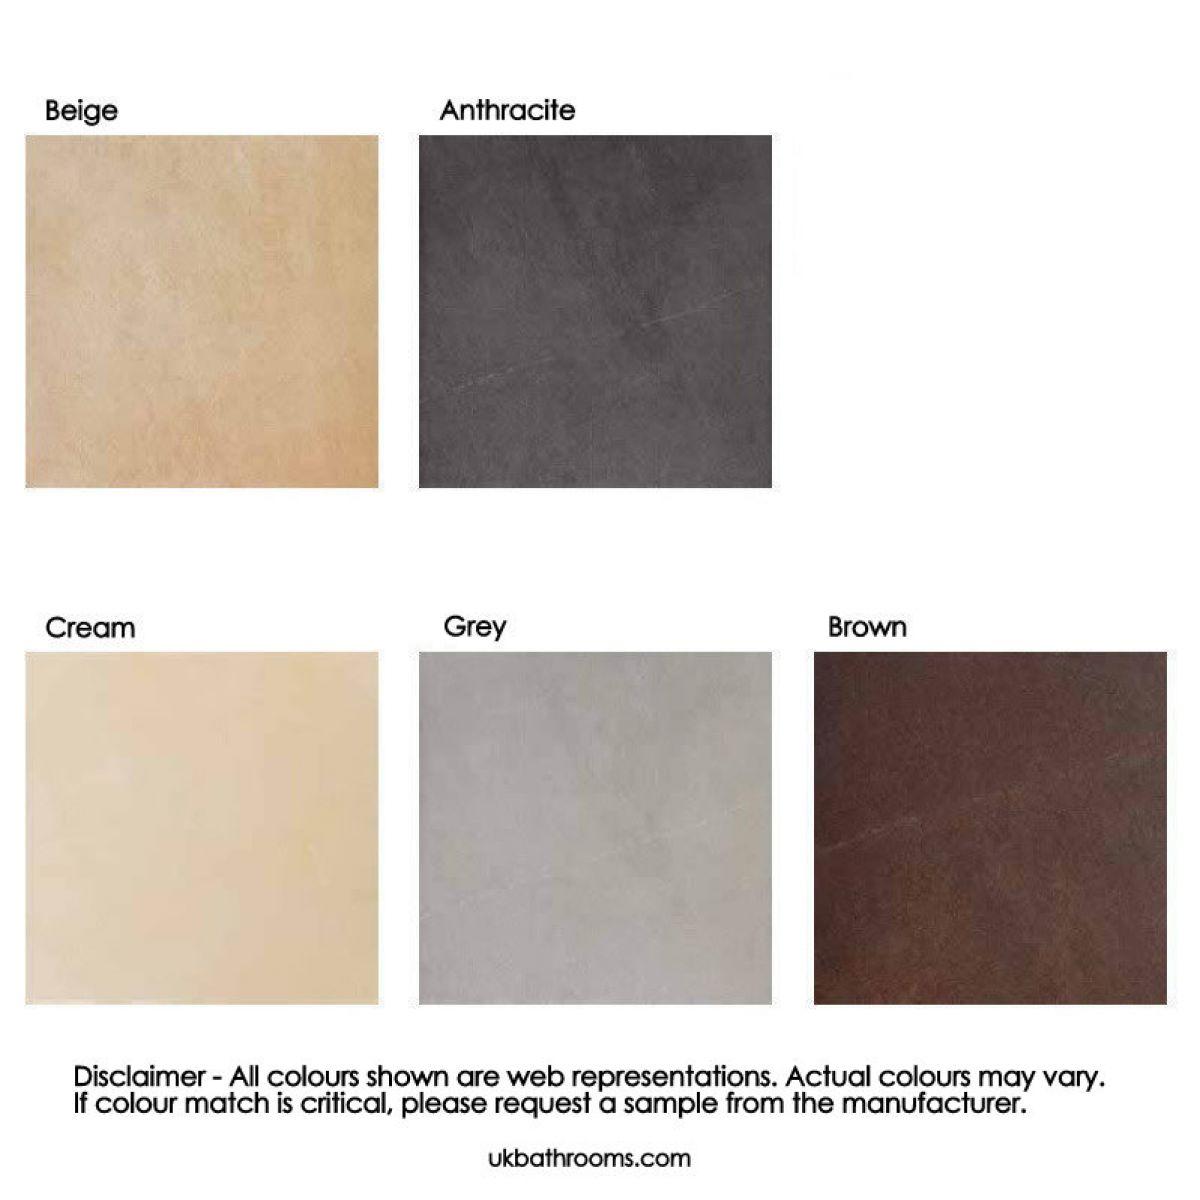 villeroy boch bernina tiles 2394 30 x 60cm uk bathrooms. Black Bedroom Furniture Sets. Home Design Ideas